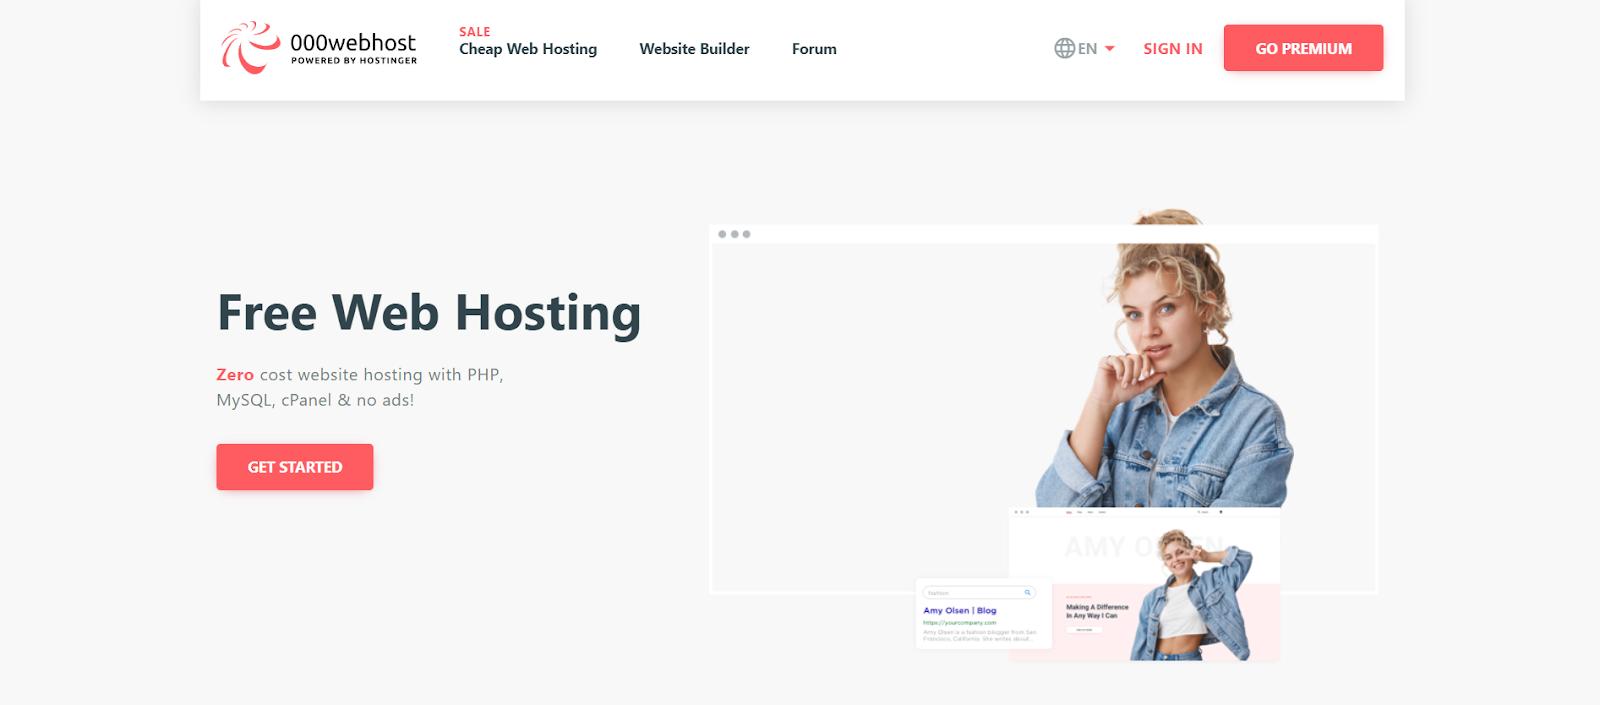 000webhost homepage free web hosting